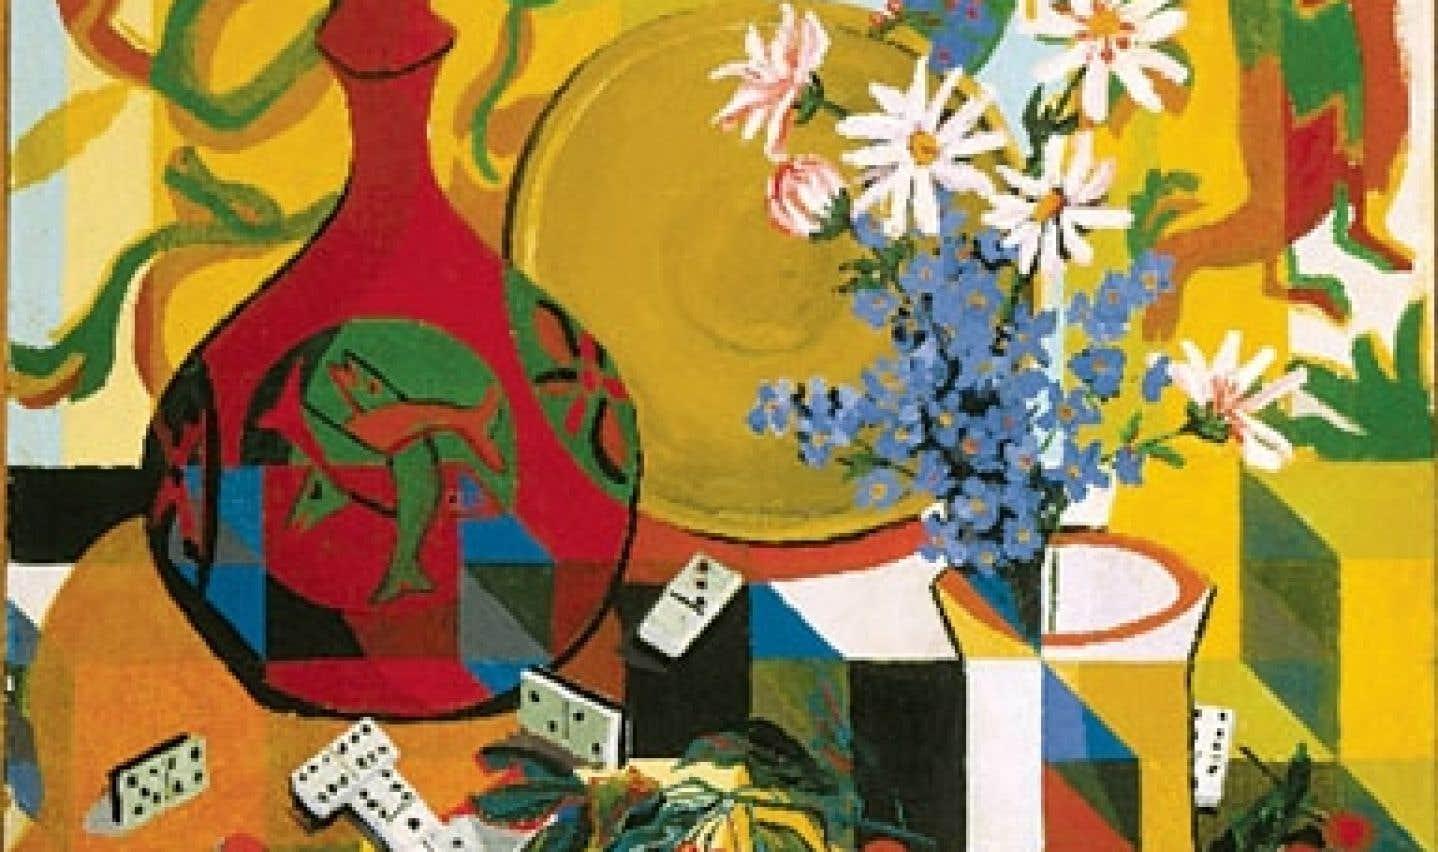 Une partie de Fleurs et dominos, une œuvre d'Alfred Pellan. L'artiste sera l'objet d'une exposition temporaire cet été.